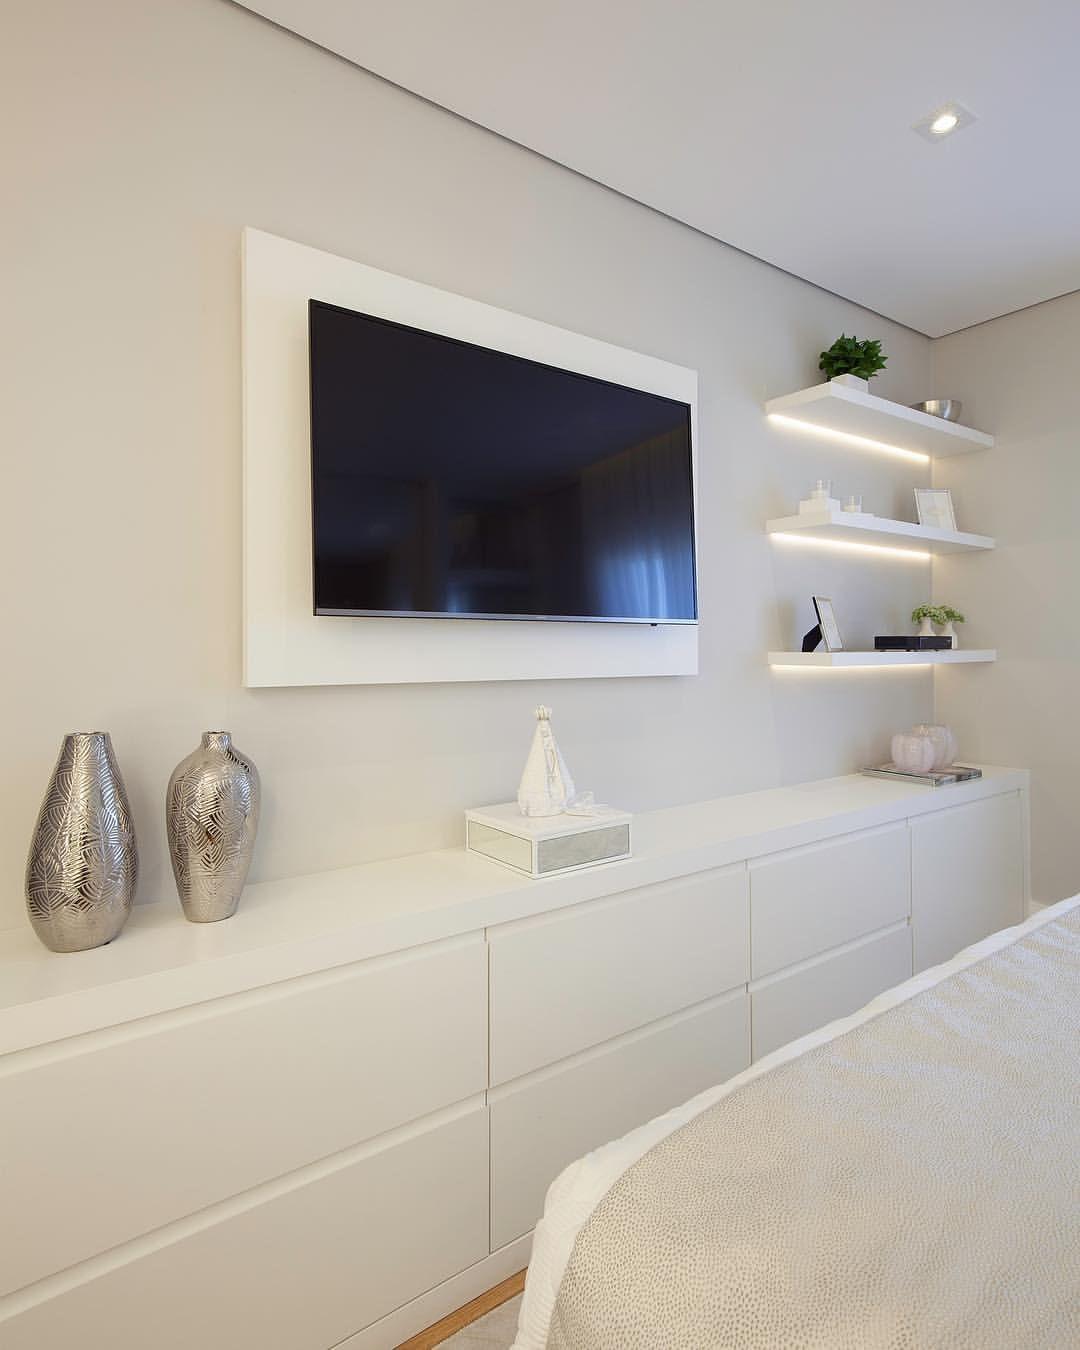 Painel e rack tv para quarto